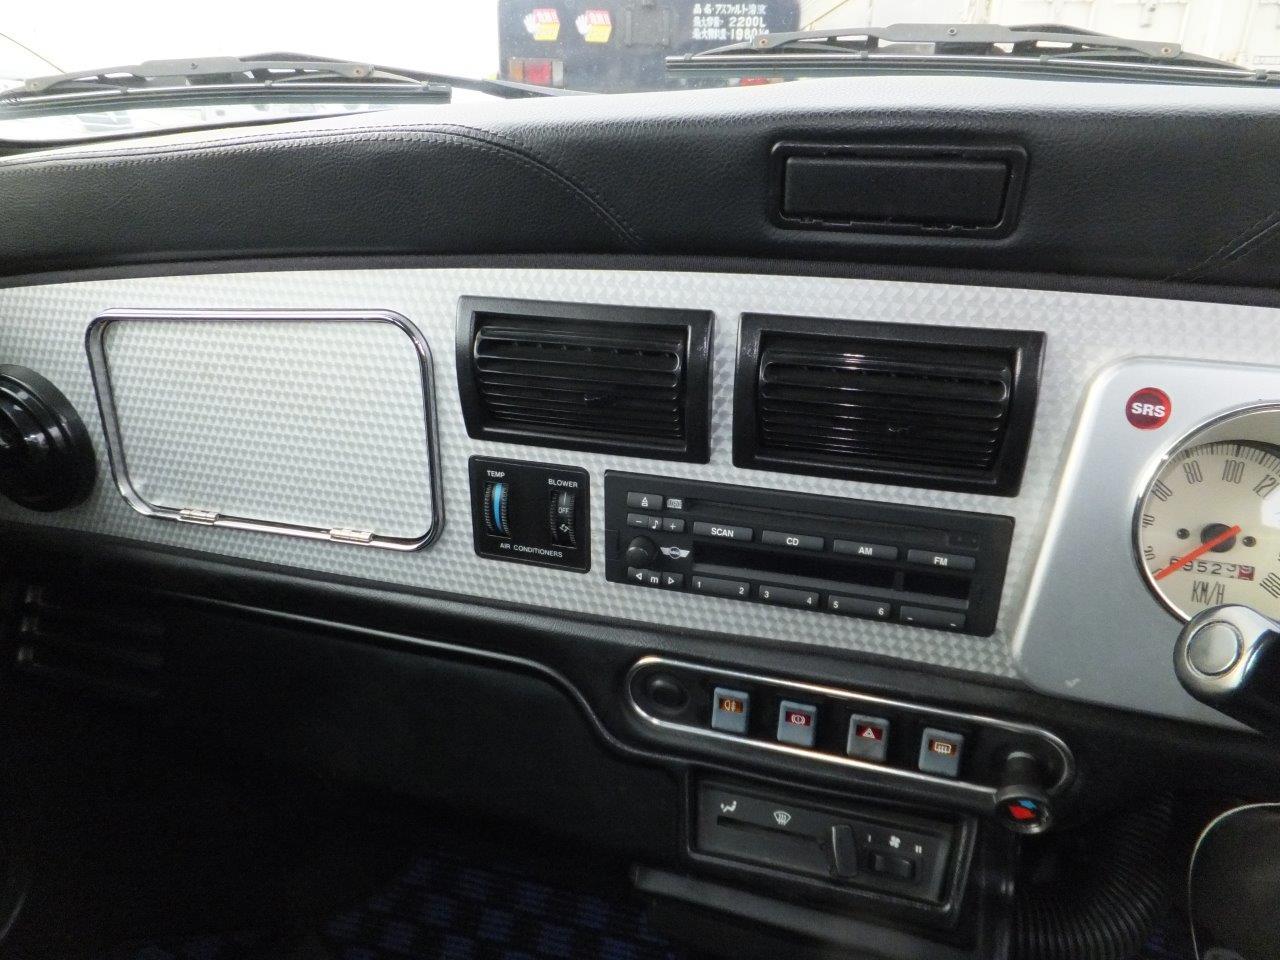 Rover Mini Cooper BSCC dash